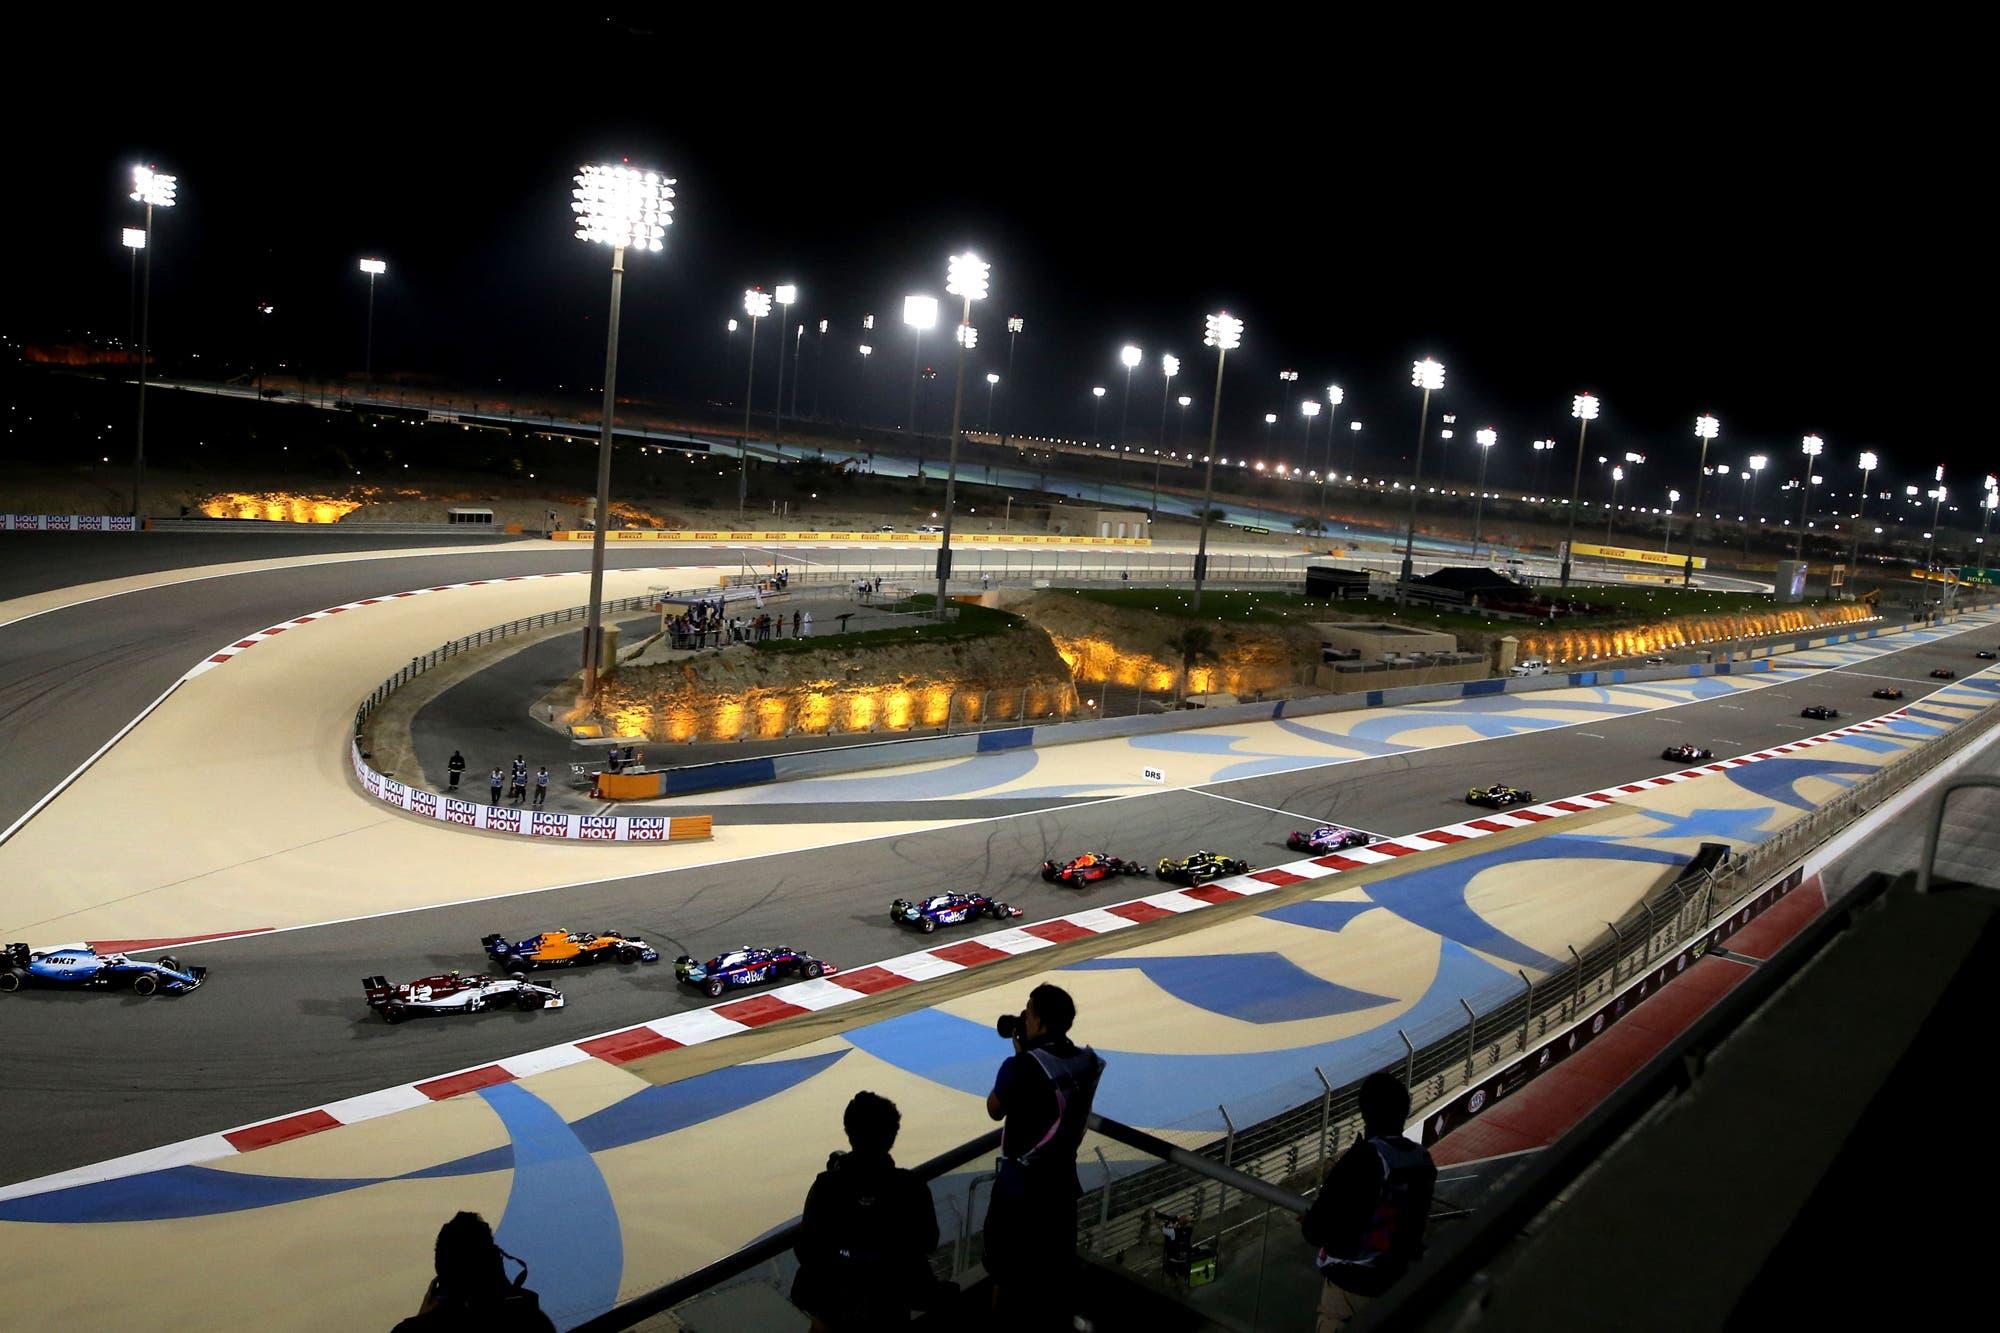 Fórmula 1. El Gran Premio de Bahréin será el primero en la historia sin público